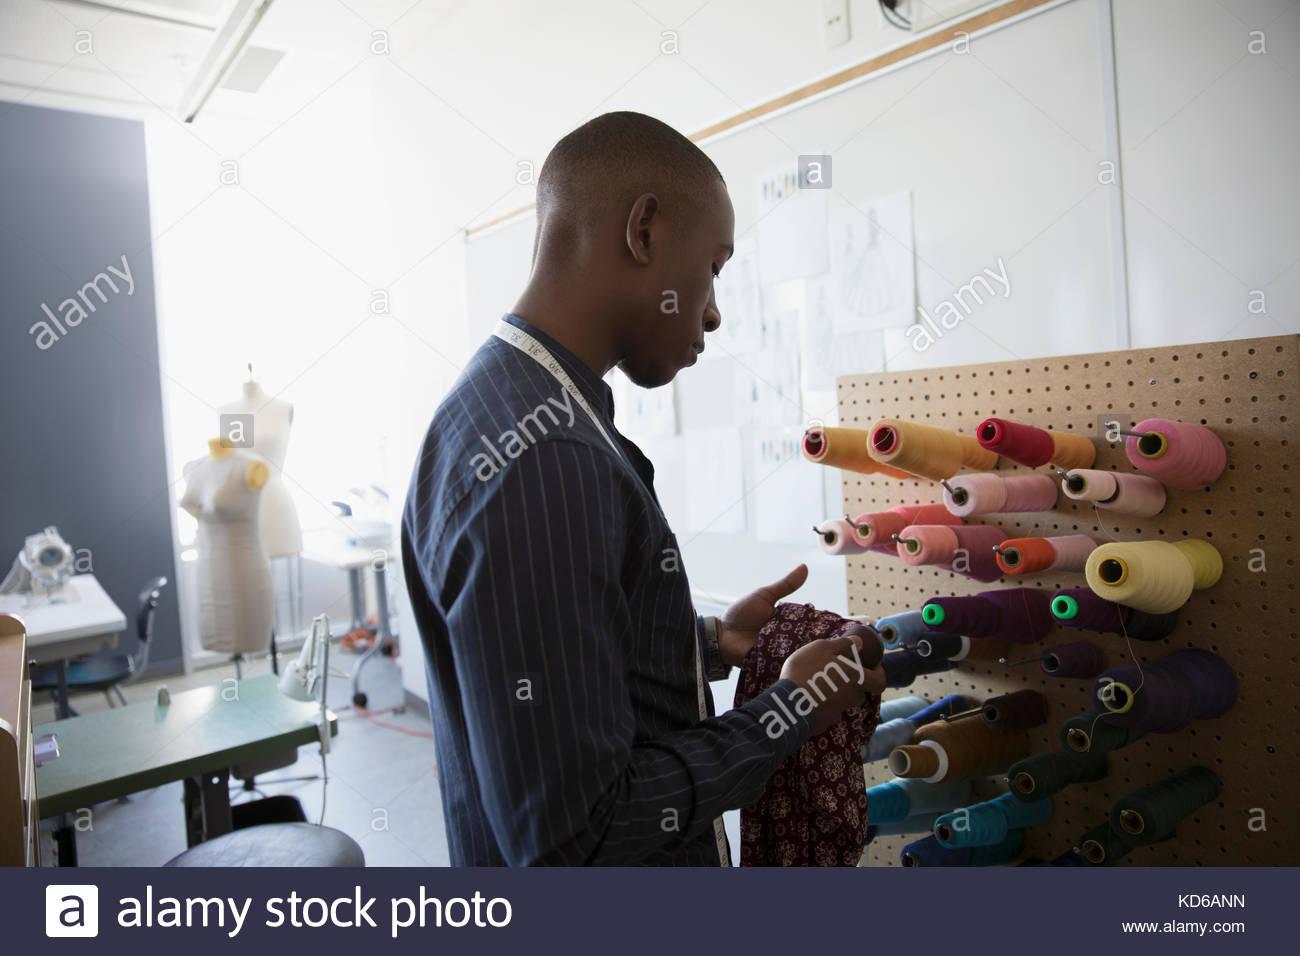 Male fashion designer at peg board with spools of multicolor thread in studio - Stock Image